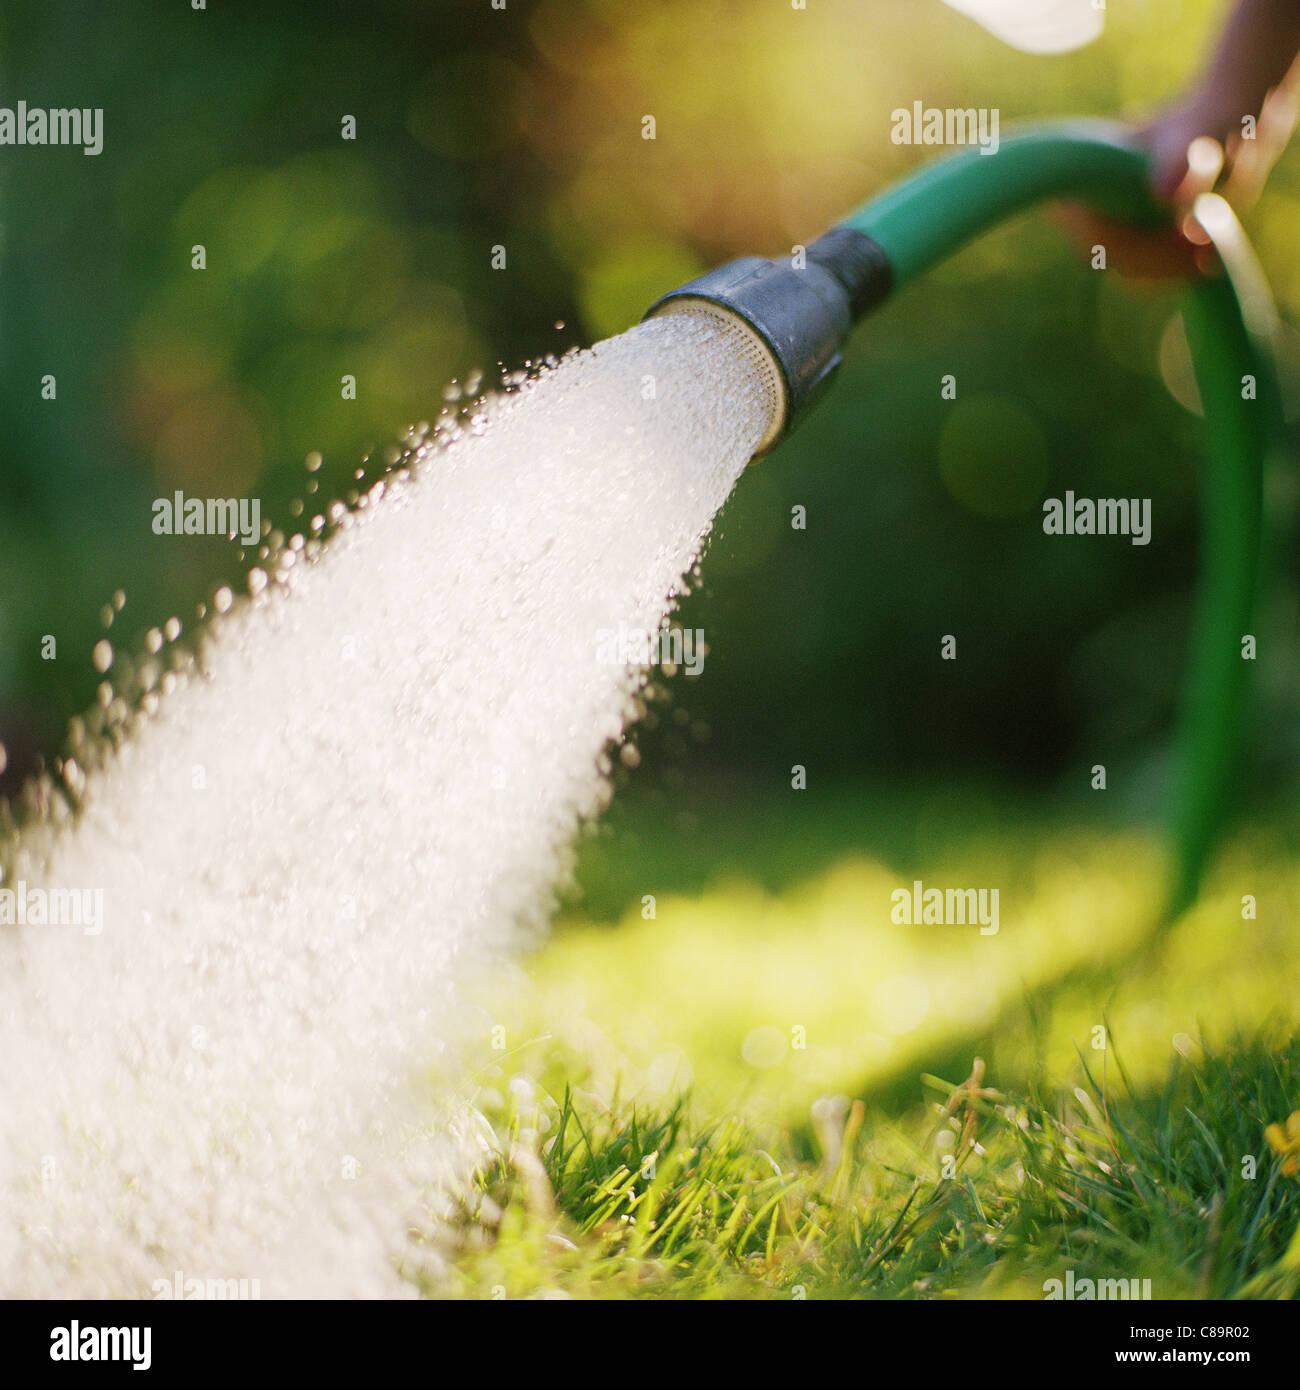 Tuyau d'arrosage pulvériser de l'eau dans le jardin Banque D'Images